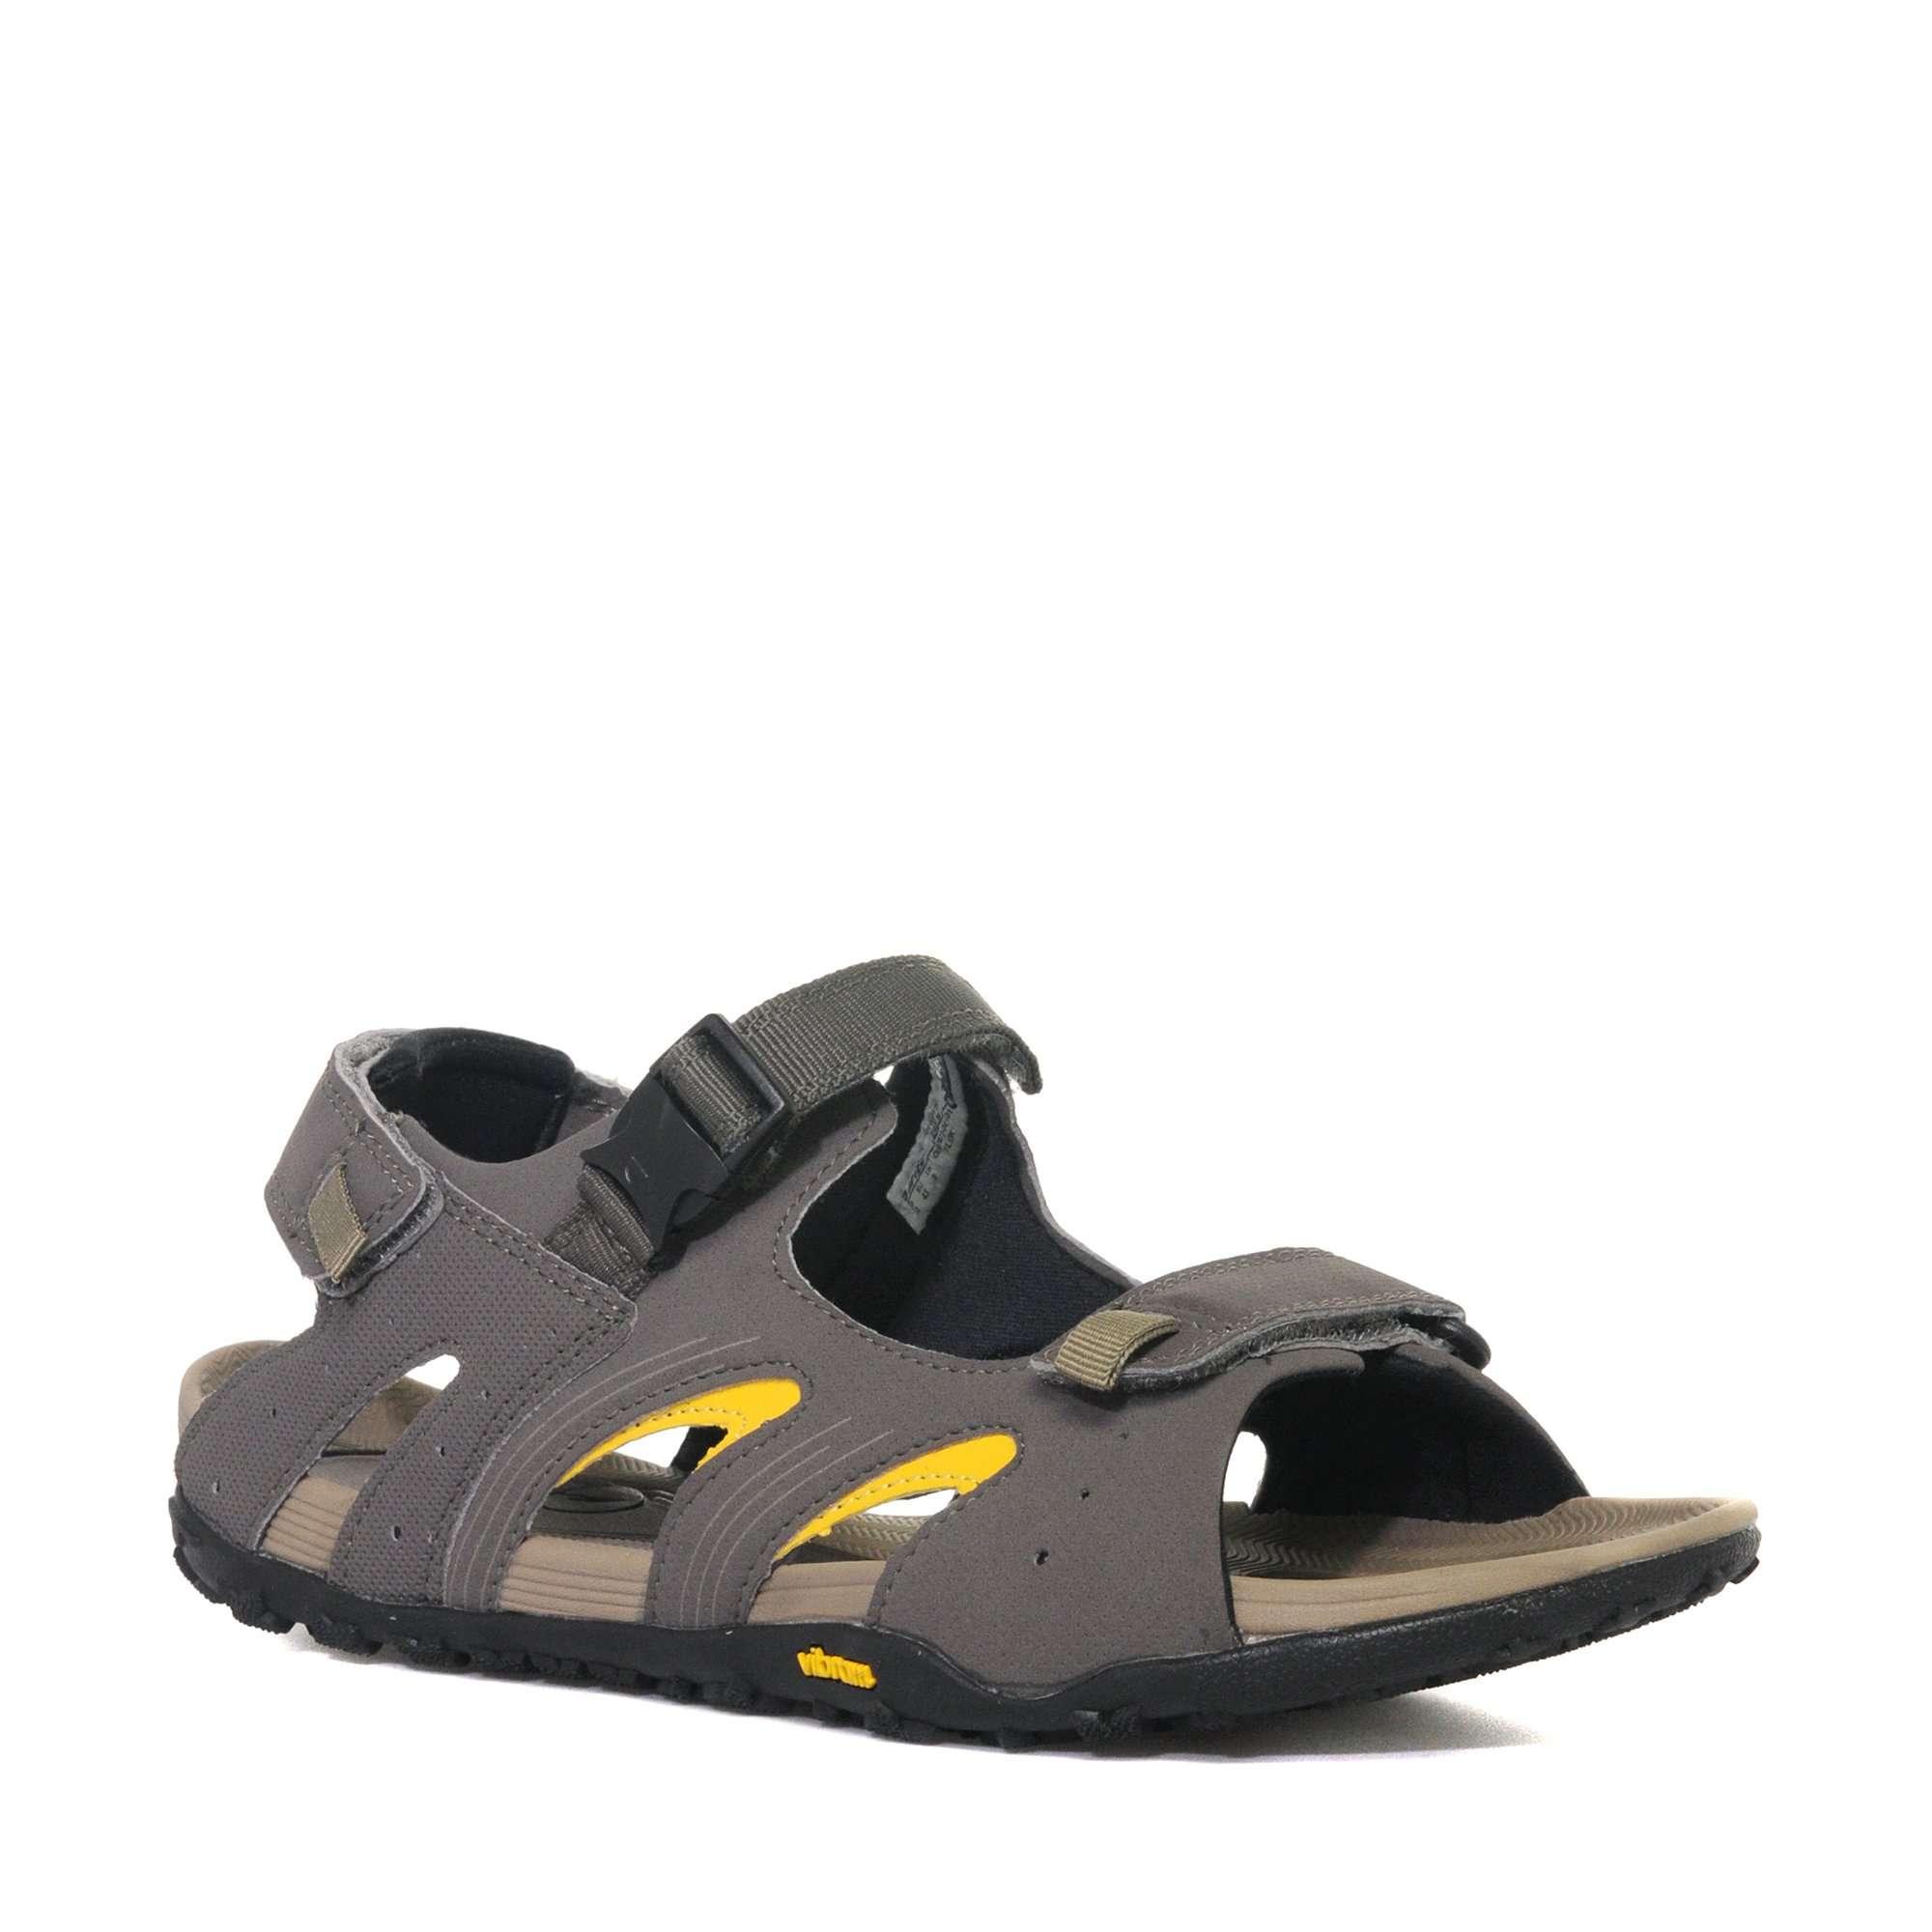 HI TEC Men's Eros Sandal